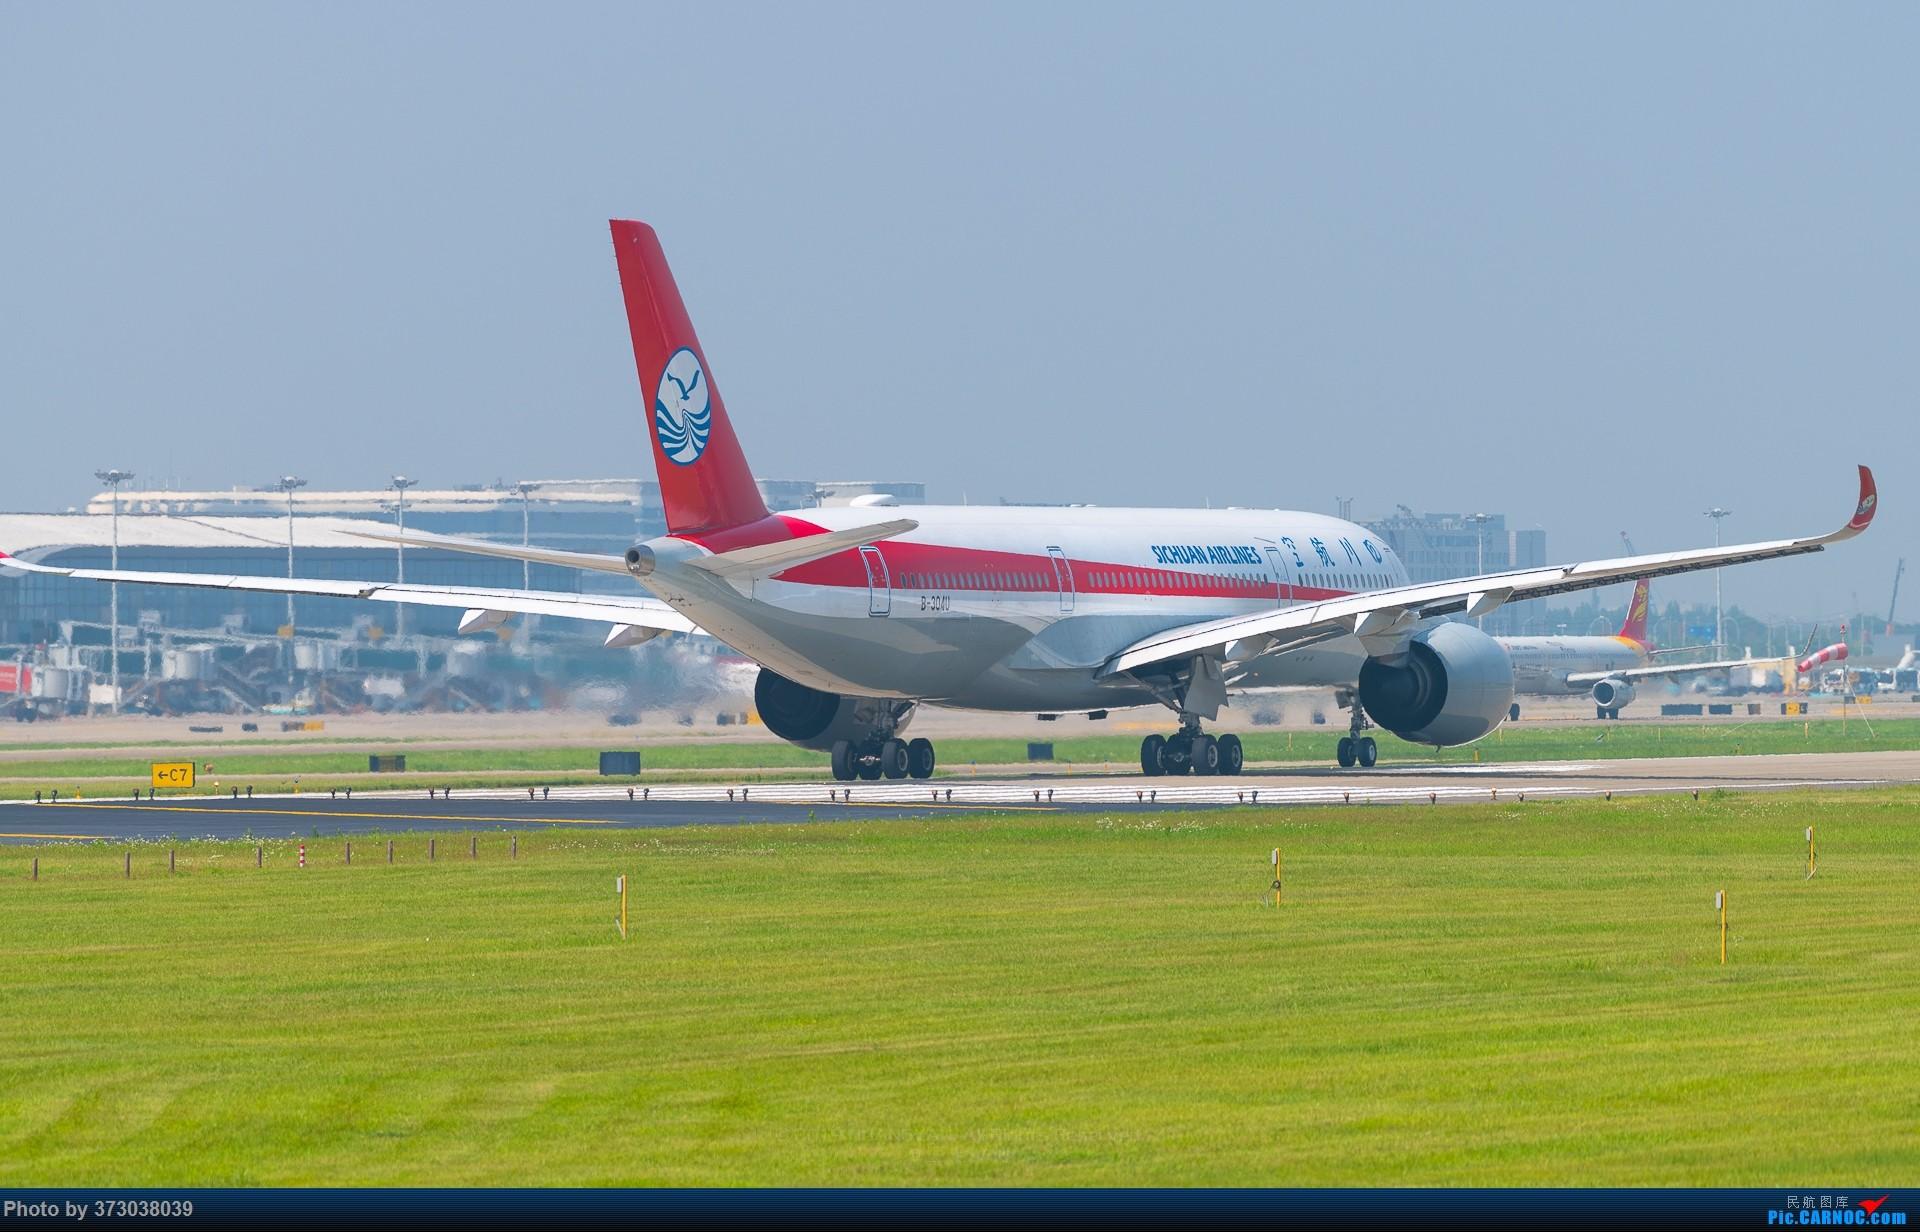 Re:[原创]【杭州飞友会】川农国际A350墨镜侠洛城归来杭州萧山机场 AIRBUS A350-900 B-304U 中国杭州萧山国际机场 中国杭州萧山国际机场